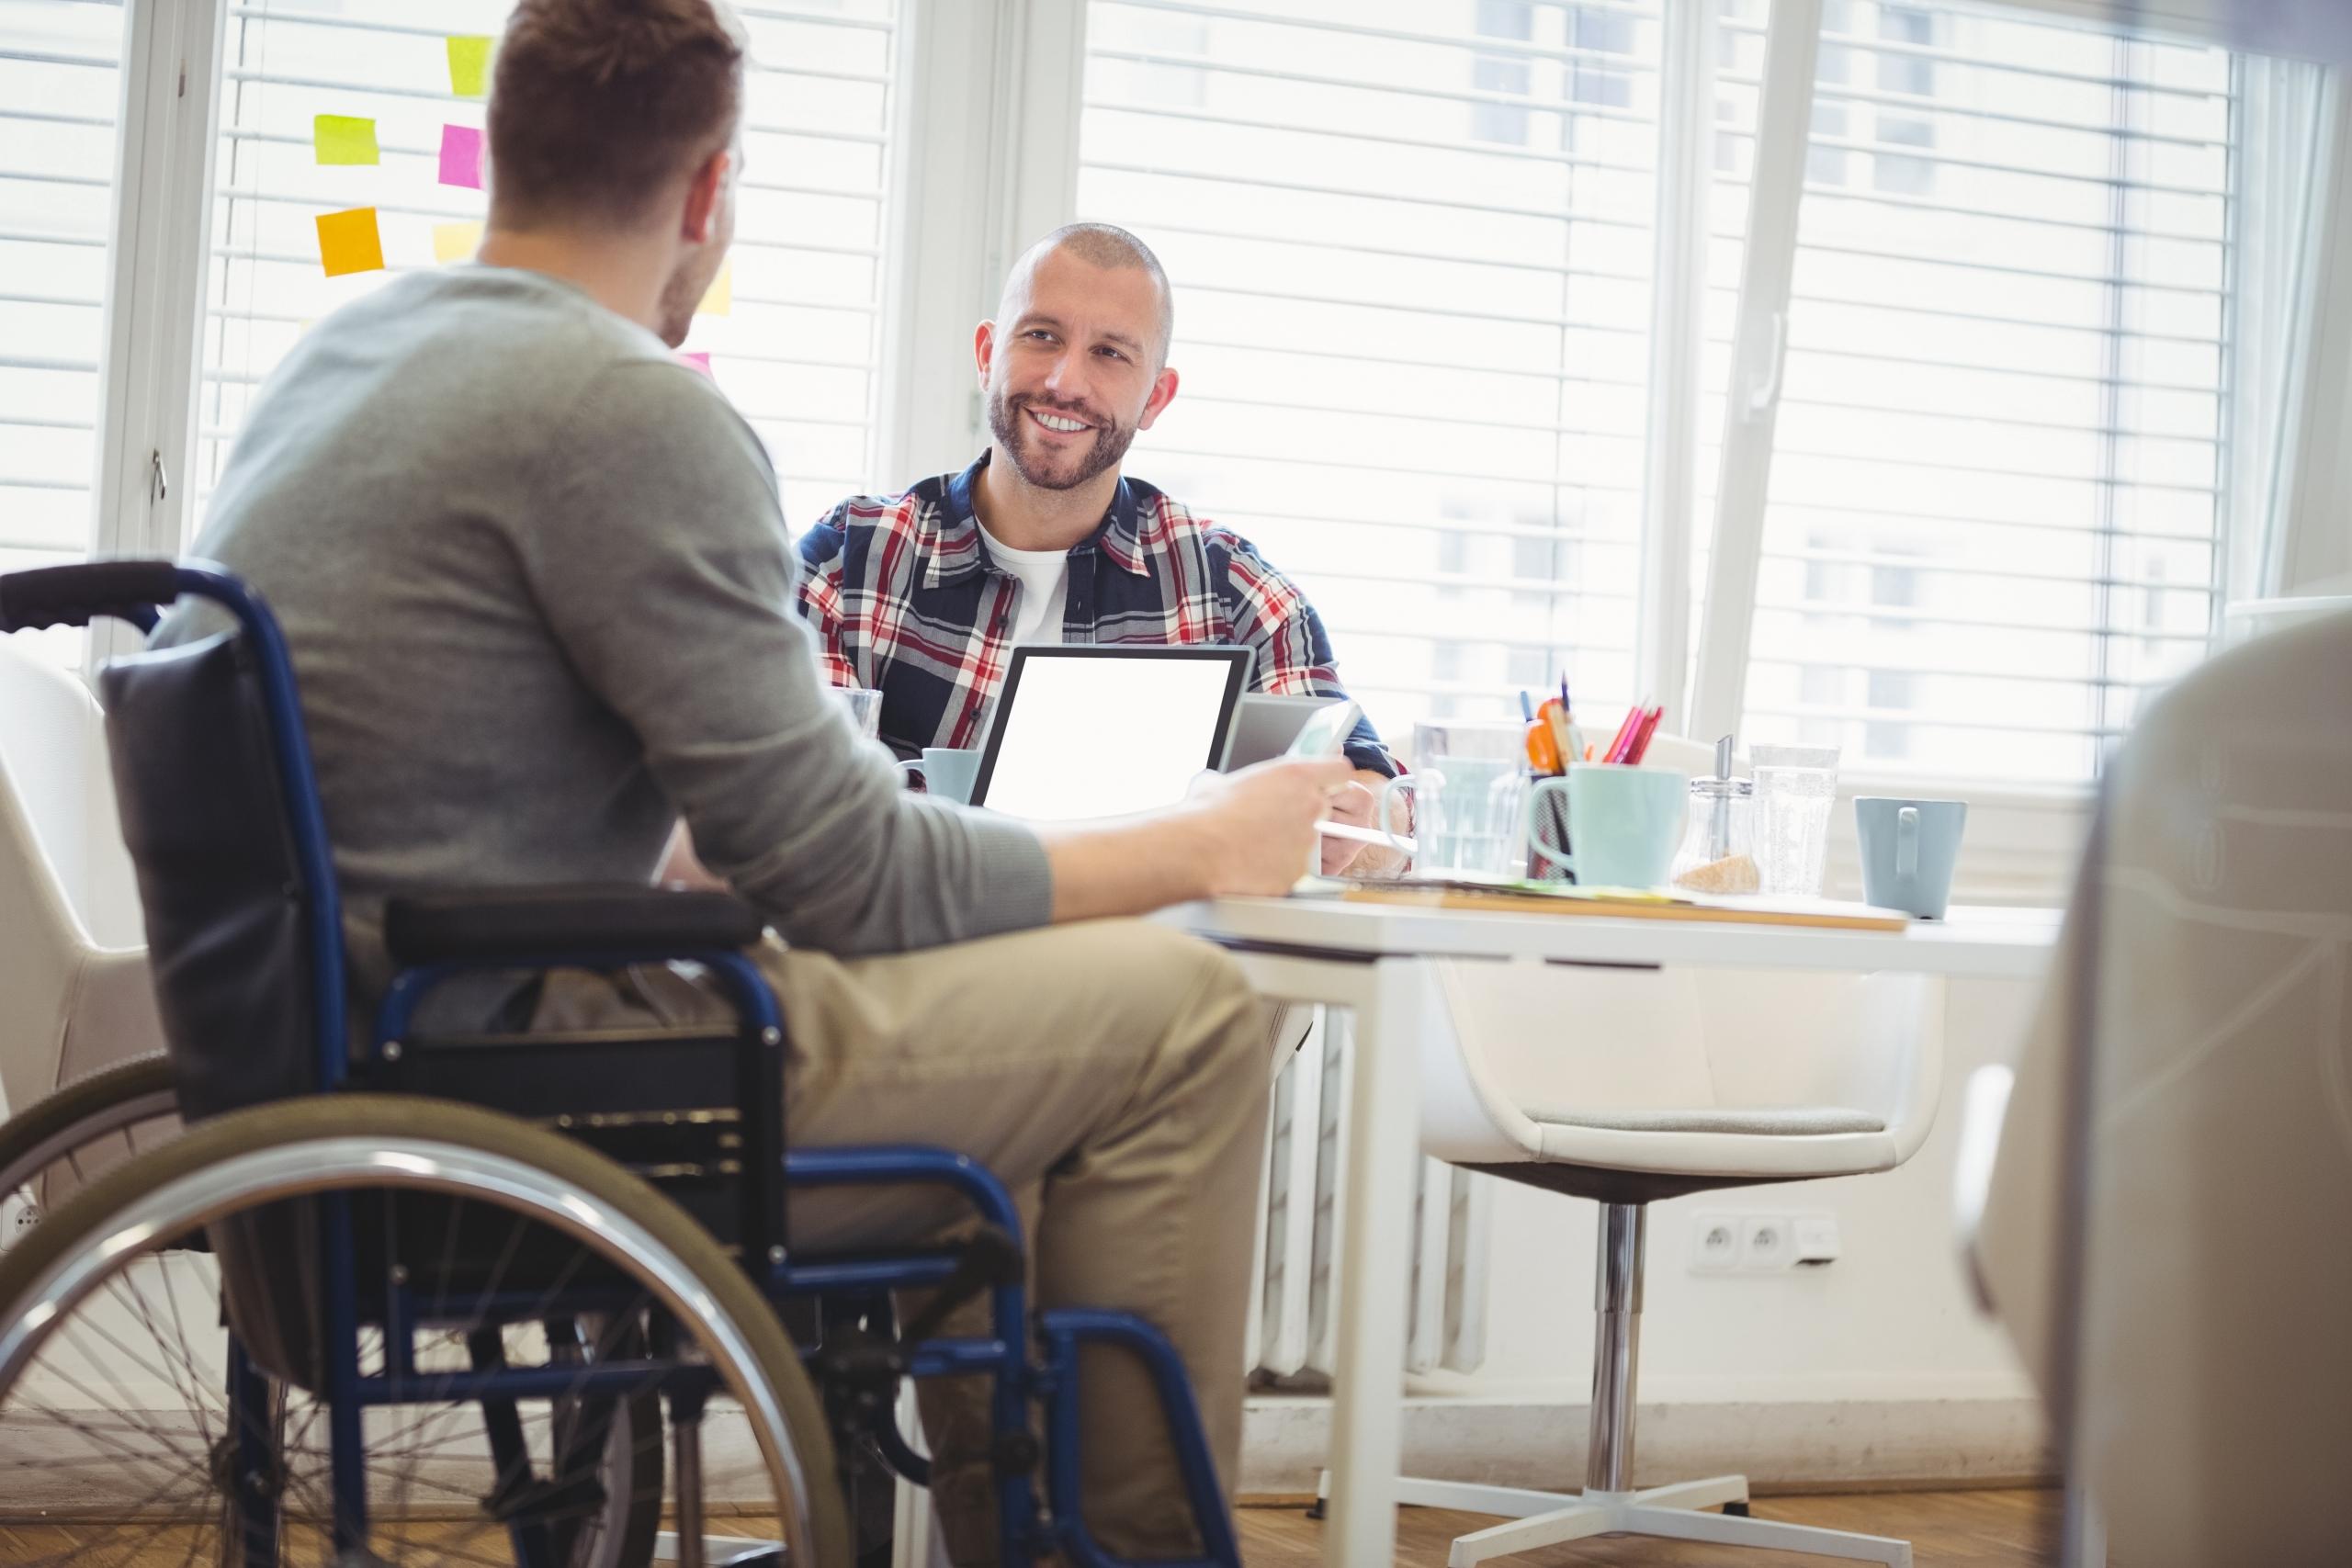 Entrevista de trabajo discapacitado